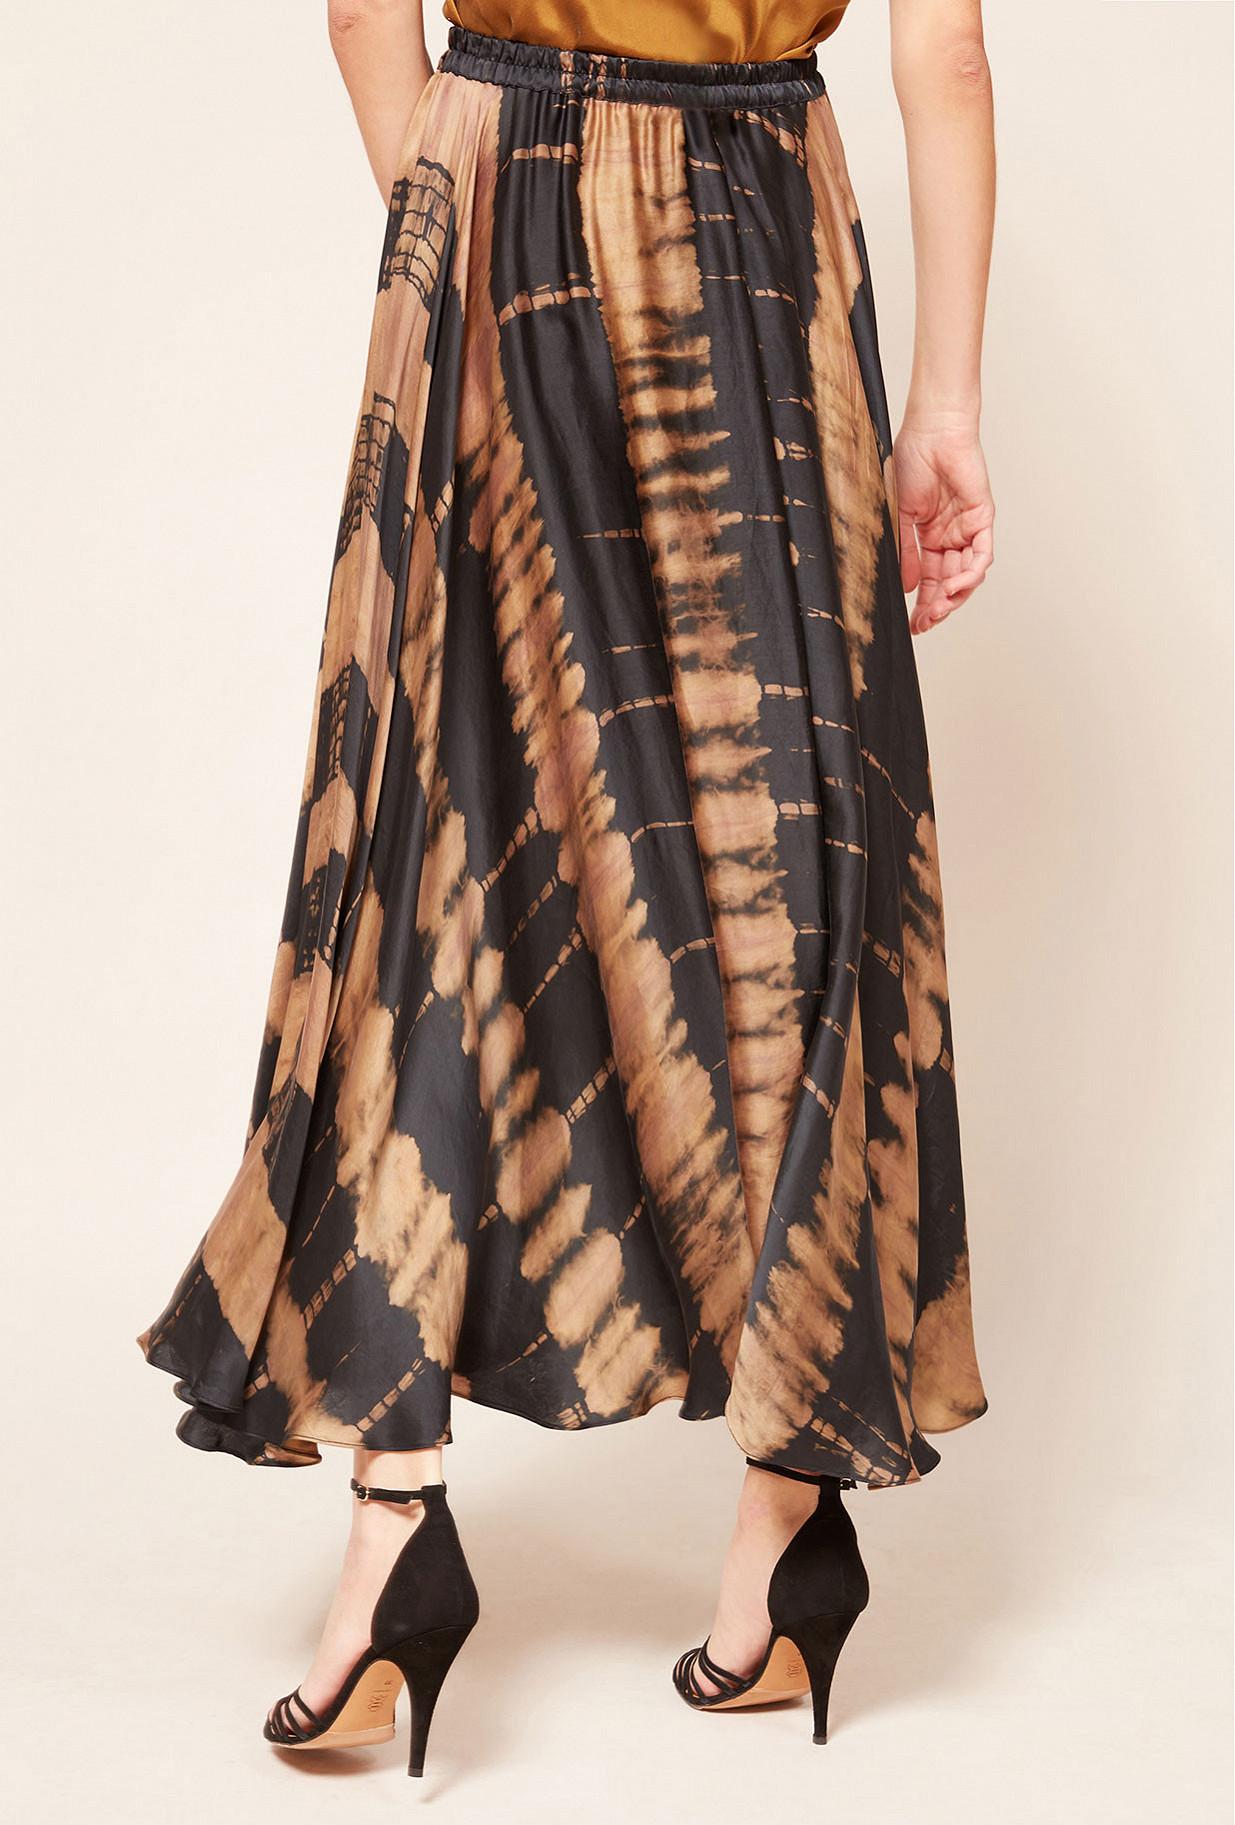 Brown print  Skirt  Danish Mes demoiselles fashion clothes designer Paris